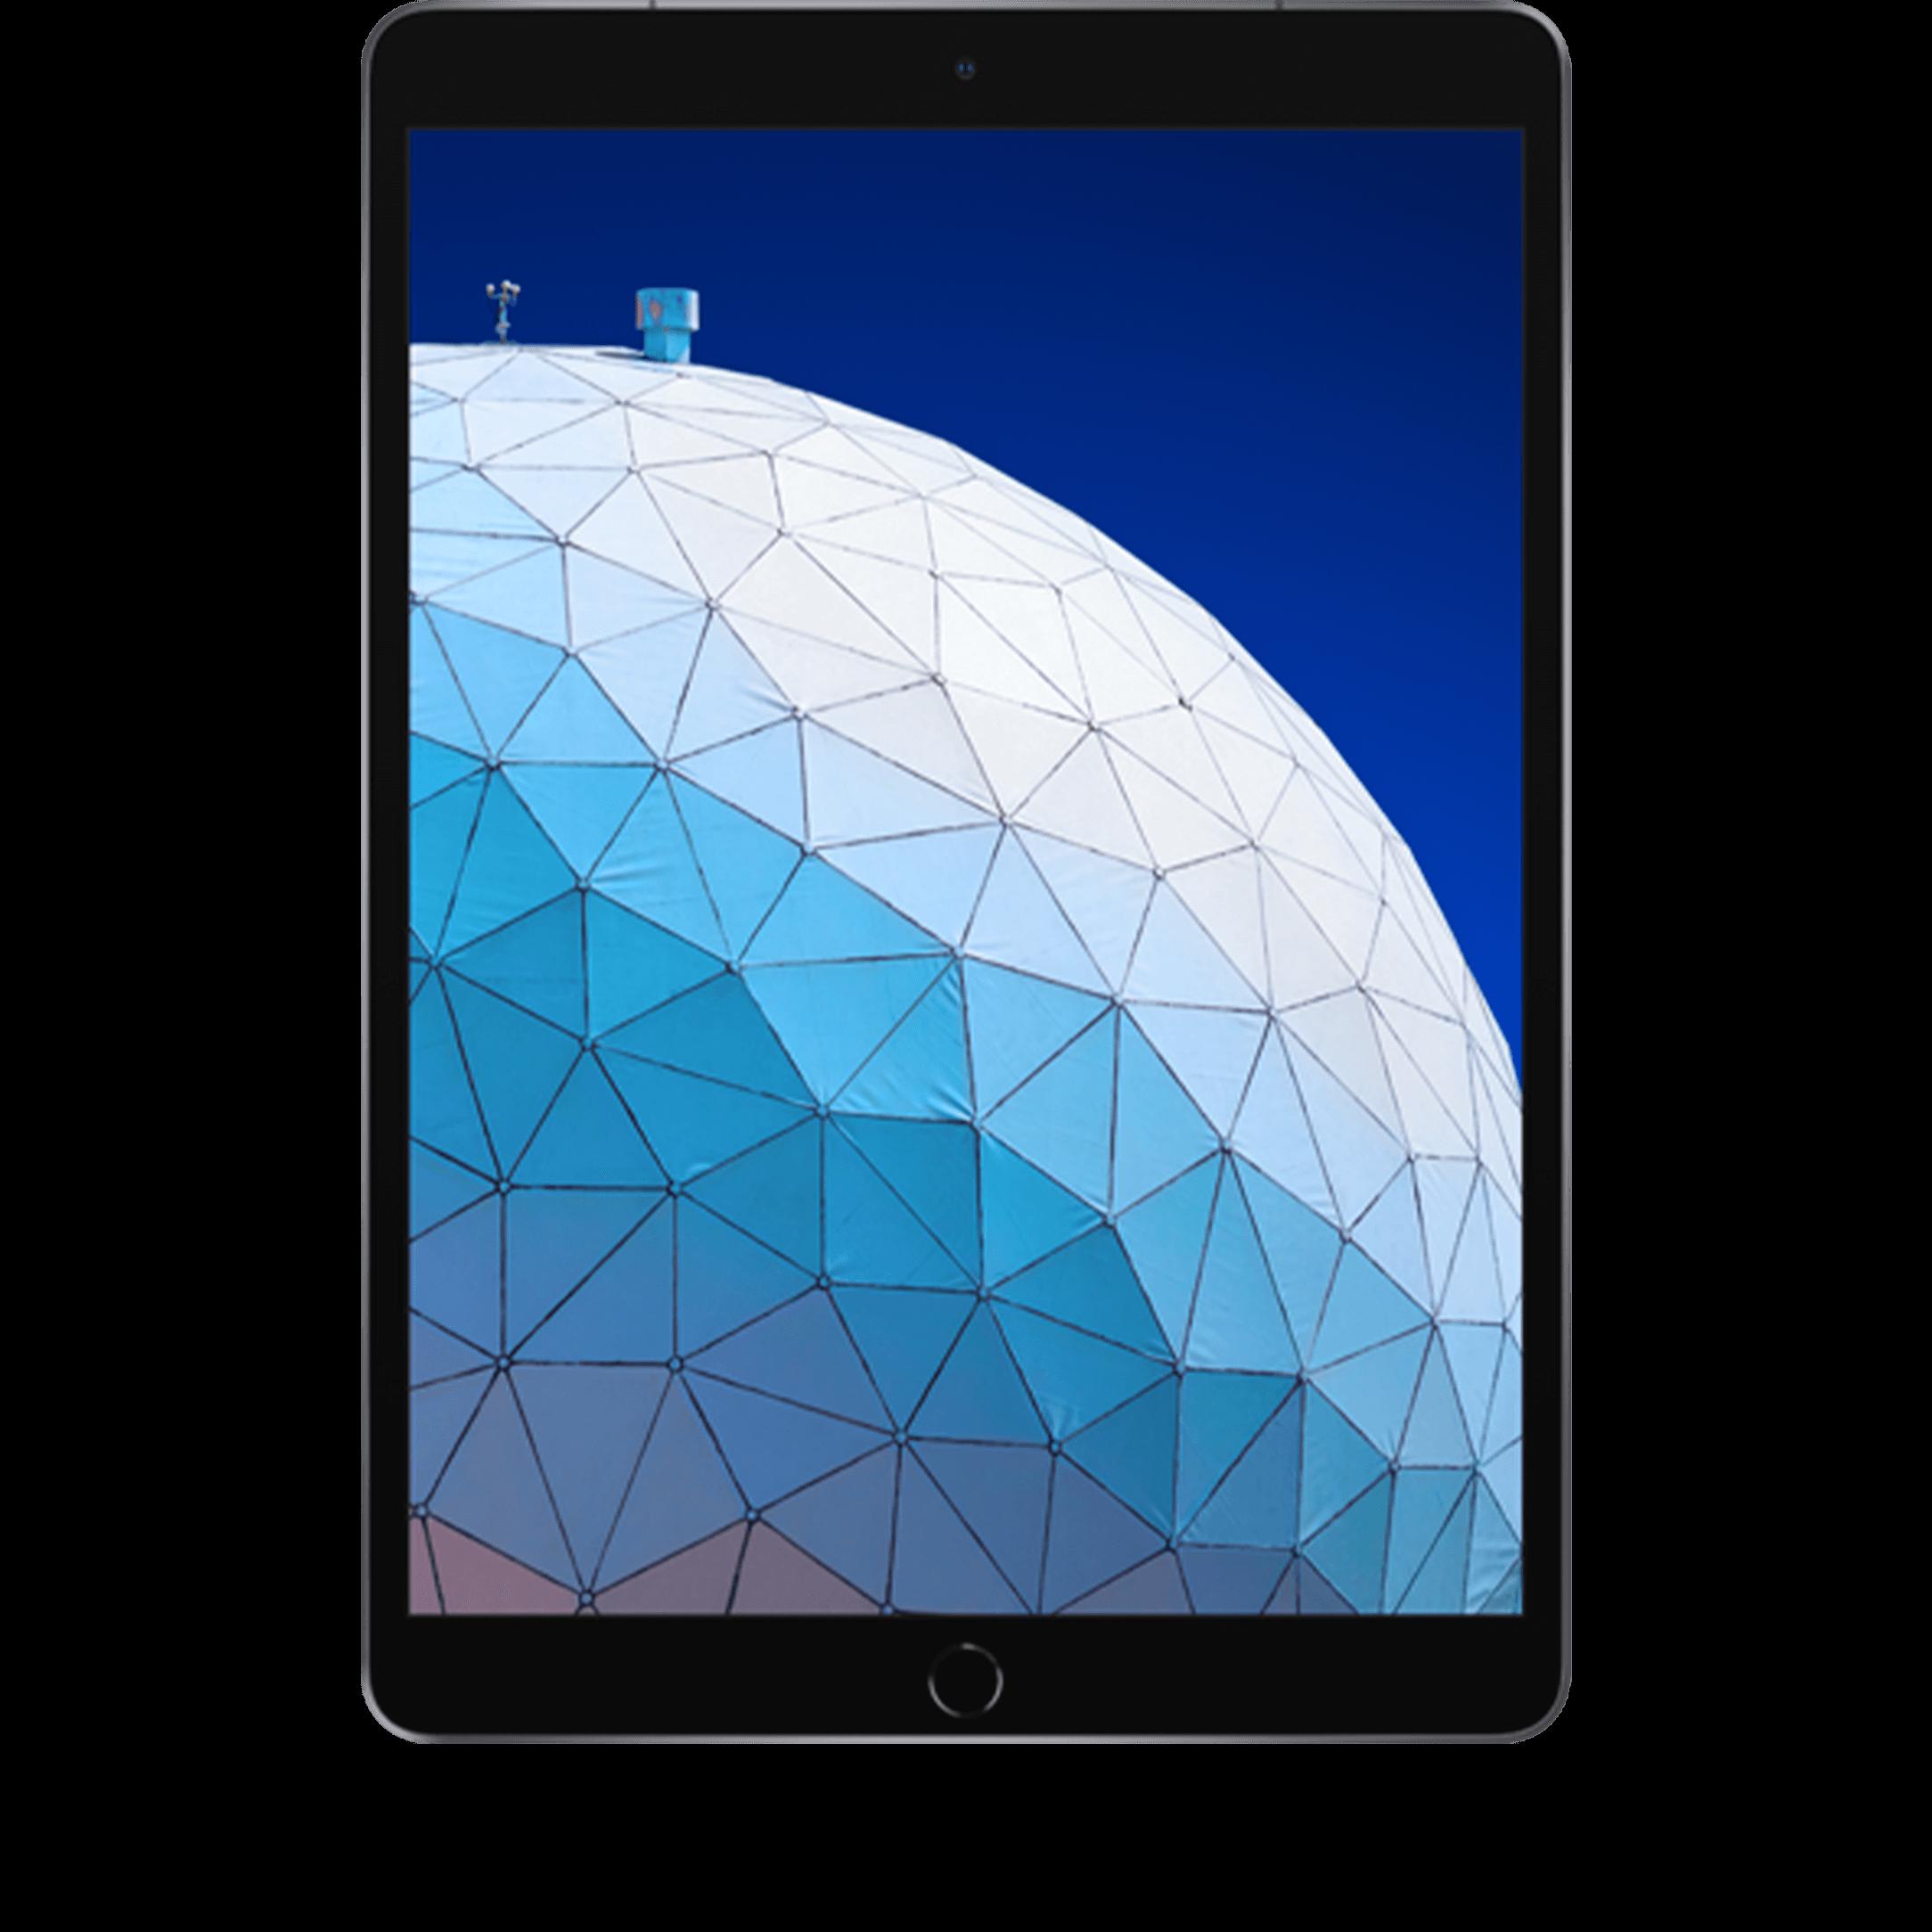 Günstig Kaufen beim Preisvergleich-Apple iPad Air WiFi + Cellular 64 GB spacegrau mit Allnet Flat